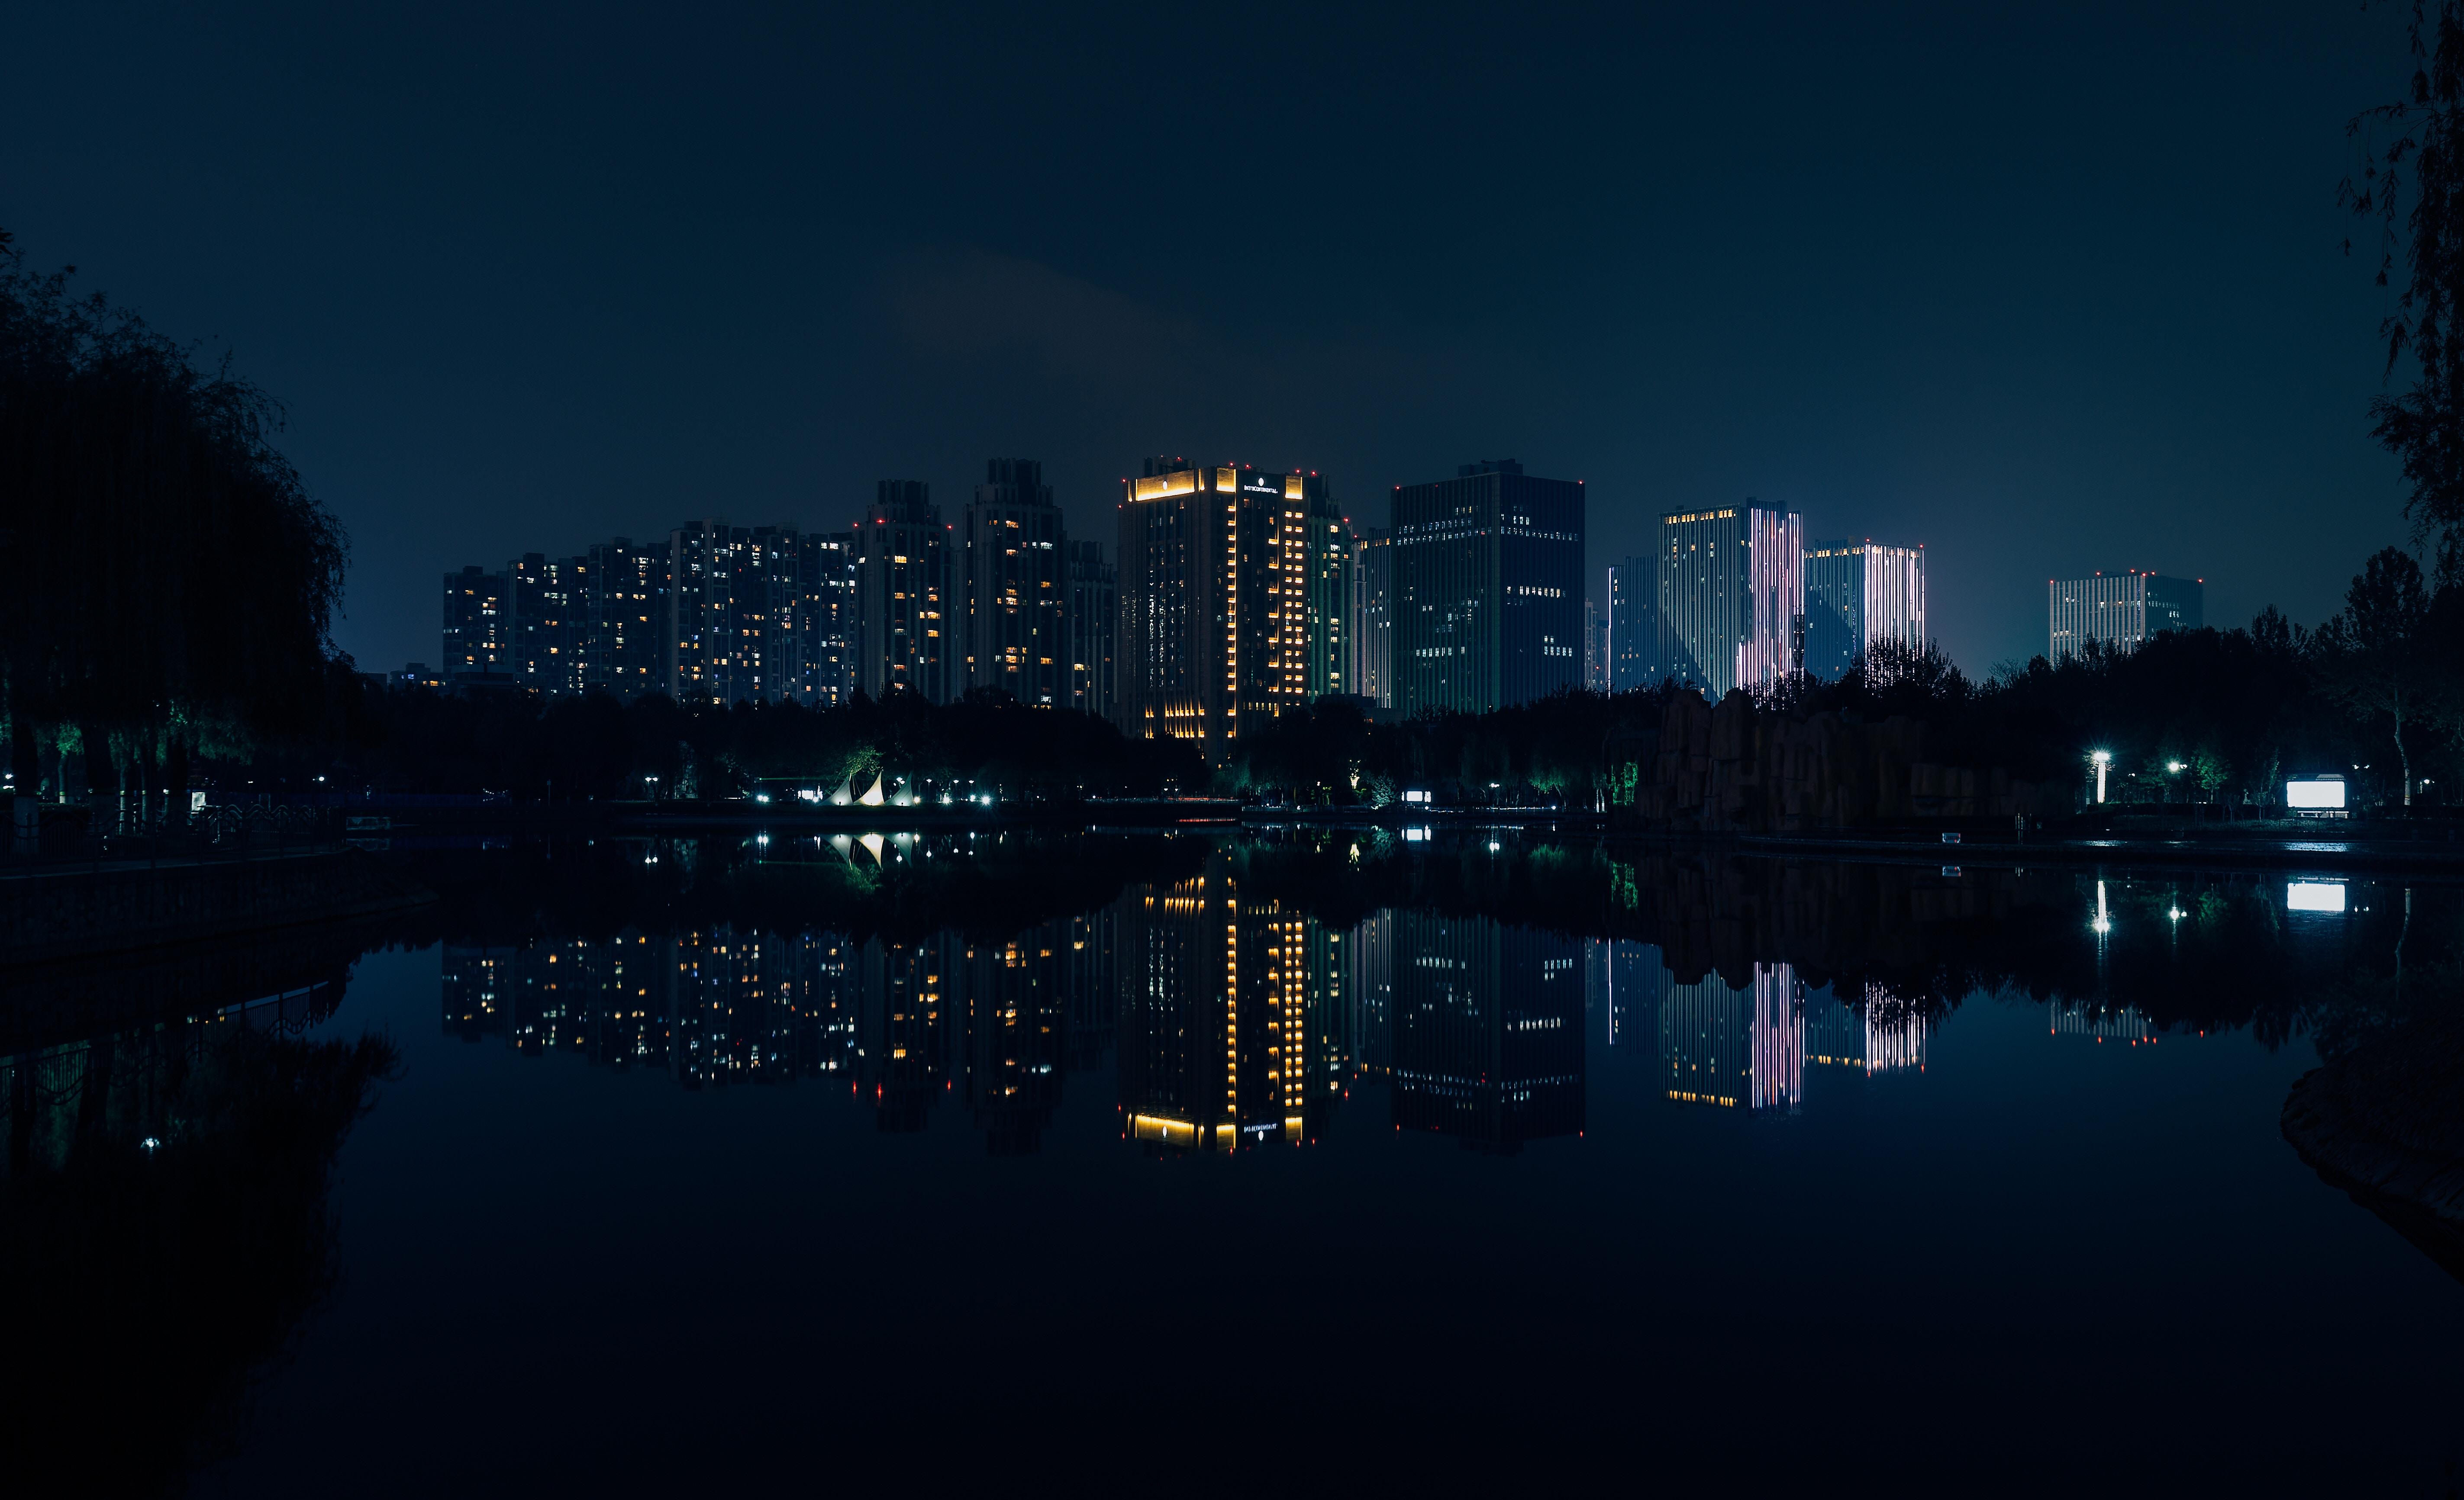 93939 Заставки и Обои Река на телефон. Скачать Река, Ночной Город, Города, Здания, Отражение, Панорама картинки бесплатно